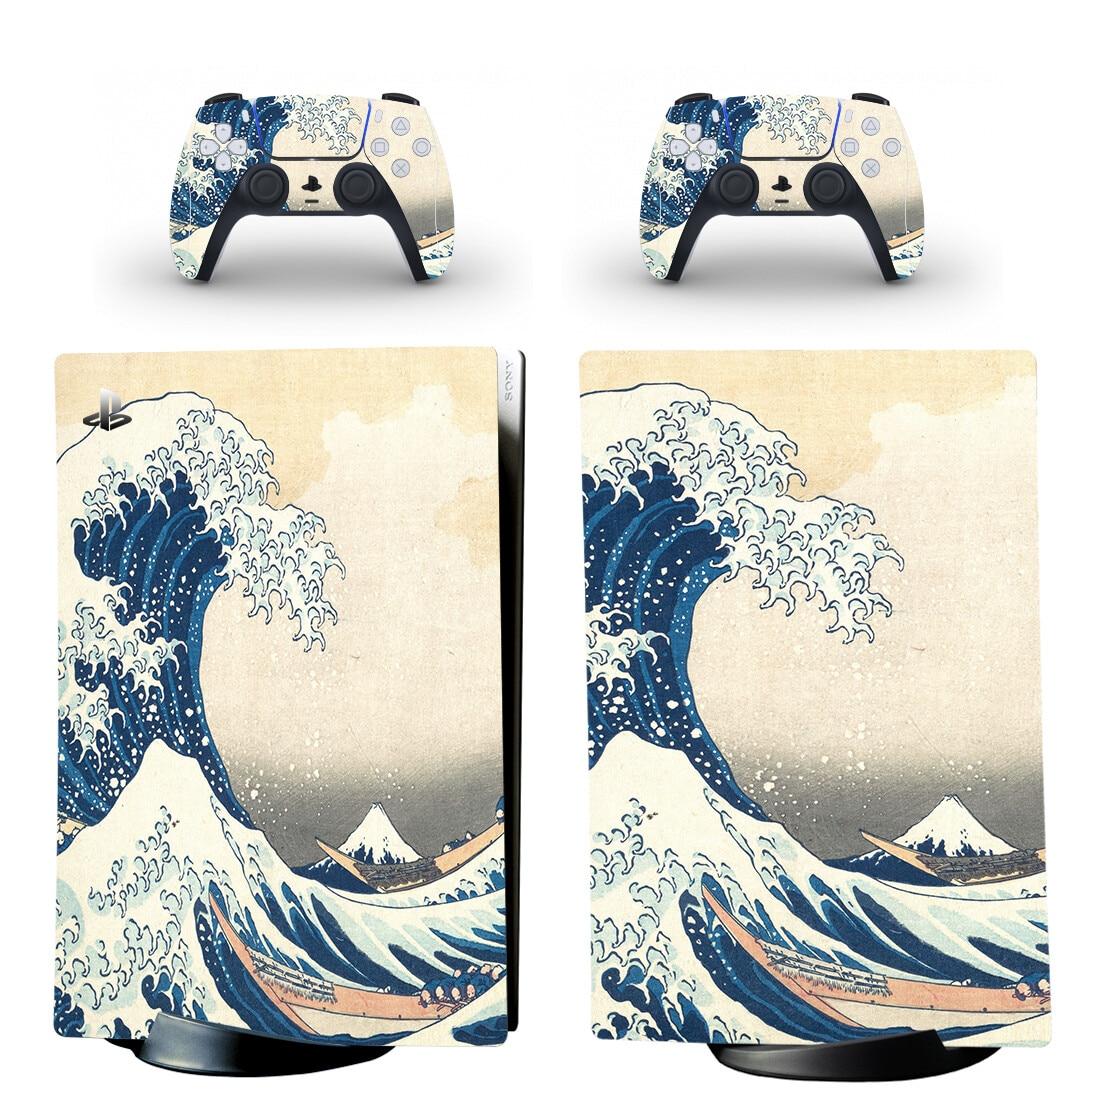 غريت ويف PS5 الطبعة الرقمية الجلد ملصق مائي غطاء ل بلاي ستيشن 5 وحدة التحكم وأجهزة التحكم PS5 الجلد ملصق الفينيل